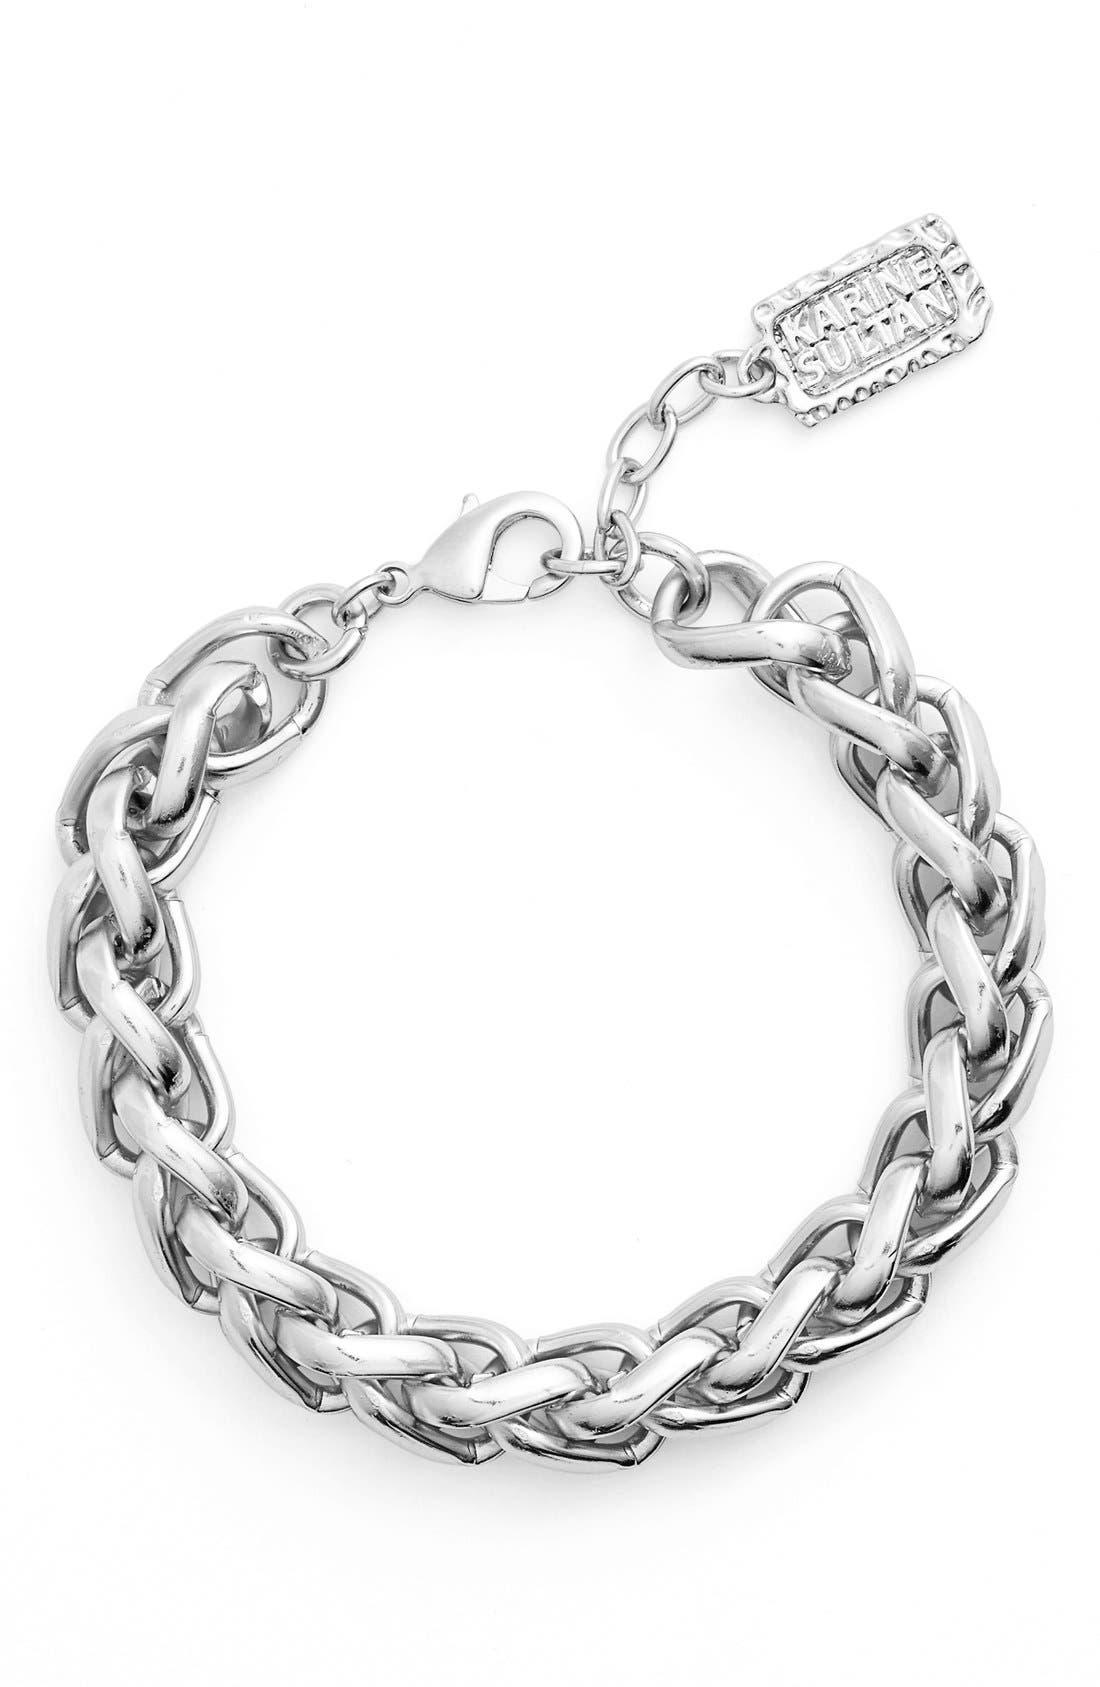 Karine Sultan Braided Link Bracelet